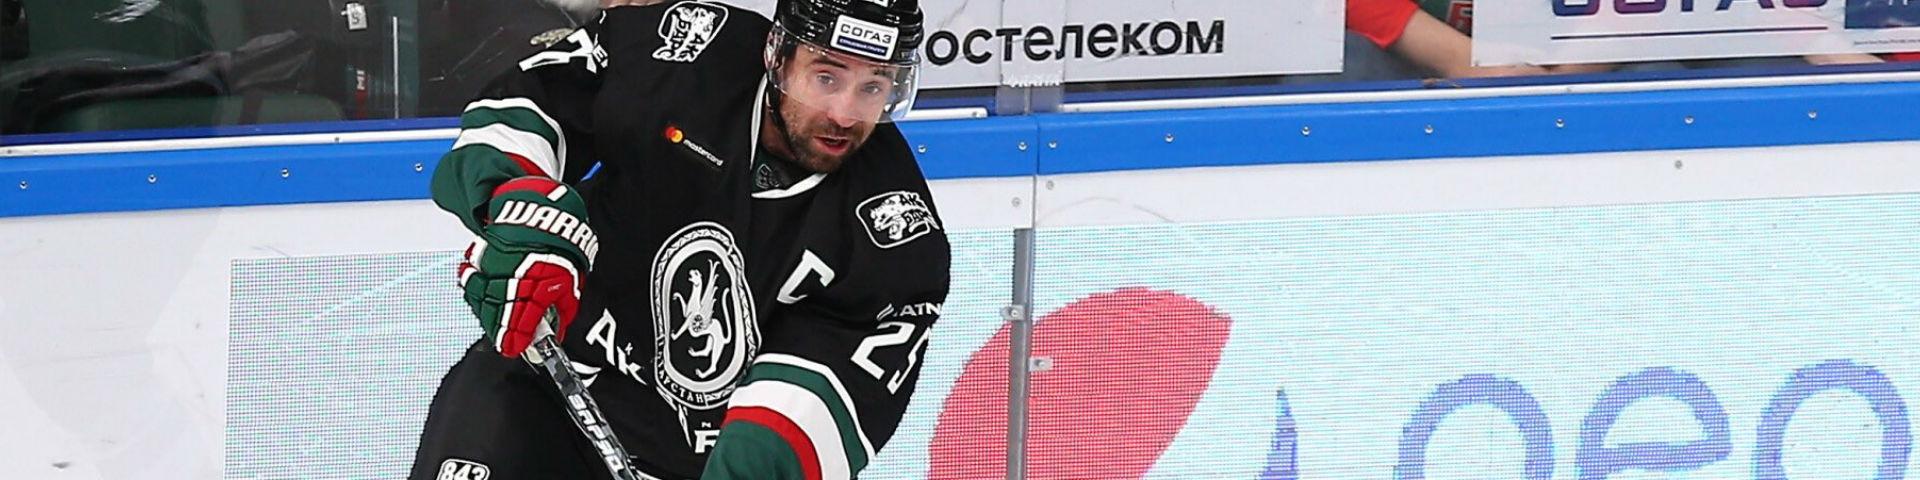 Зарипов провёл 1200-й матч в КХЛ